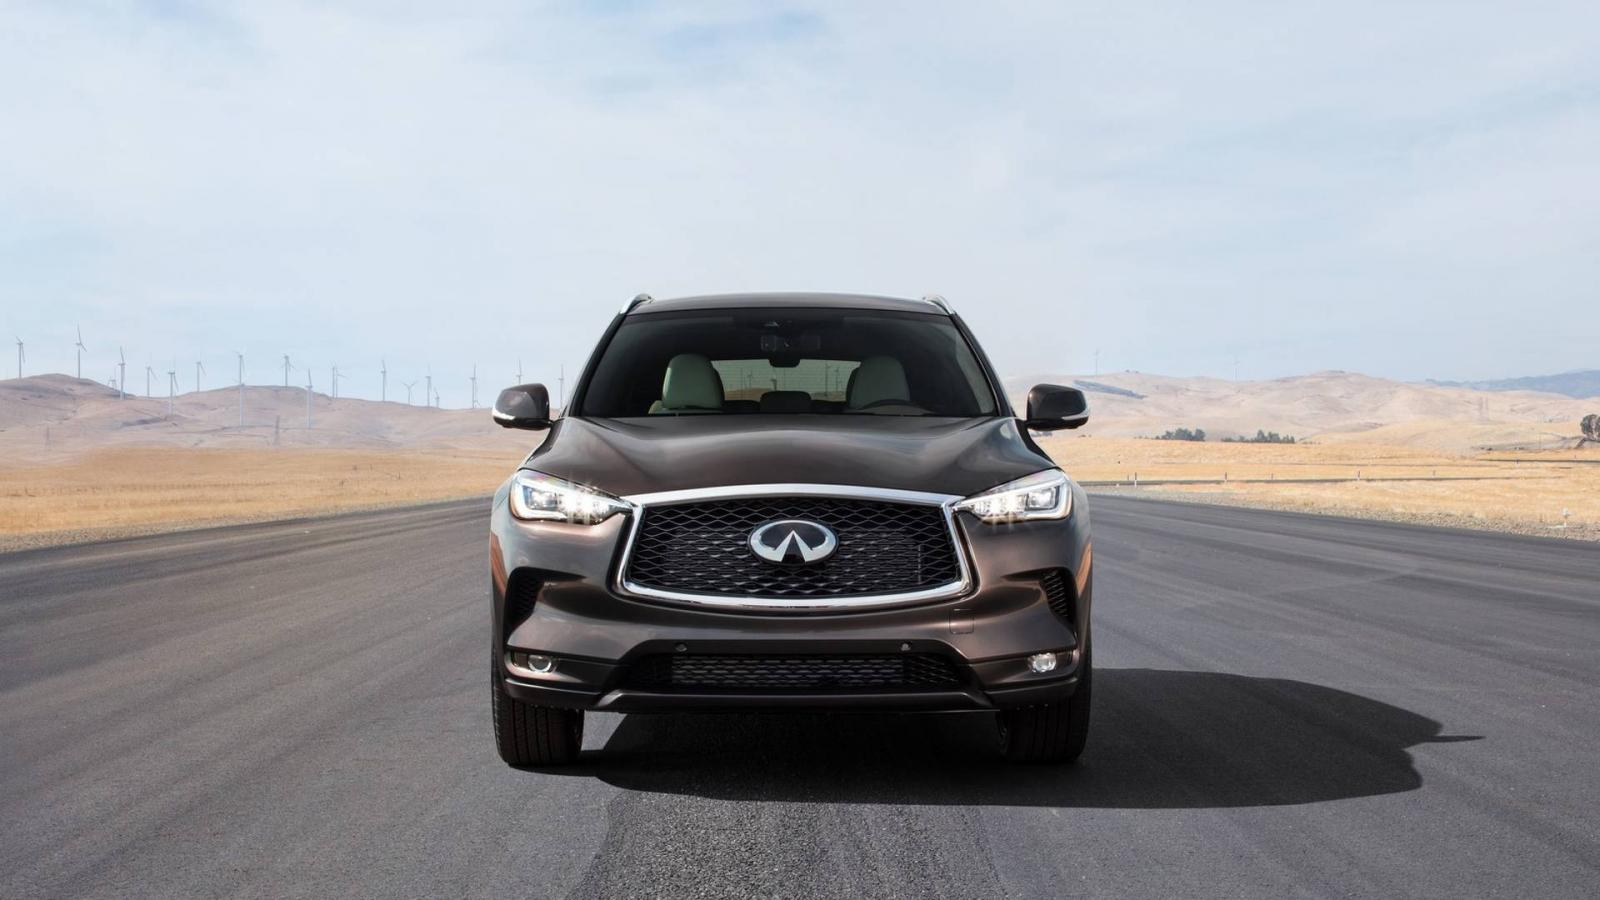 اینفینیتی QX50 - اجاره خودرو - اجاره ماشین - کرایه ماشین